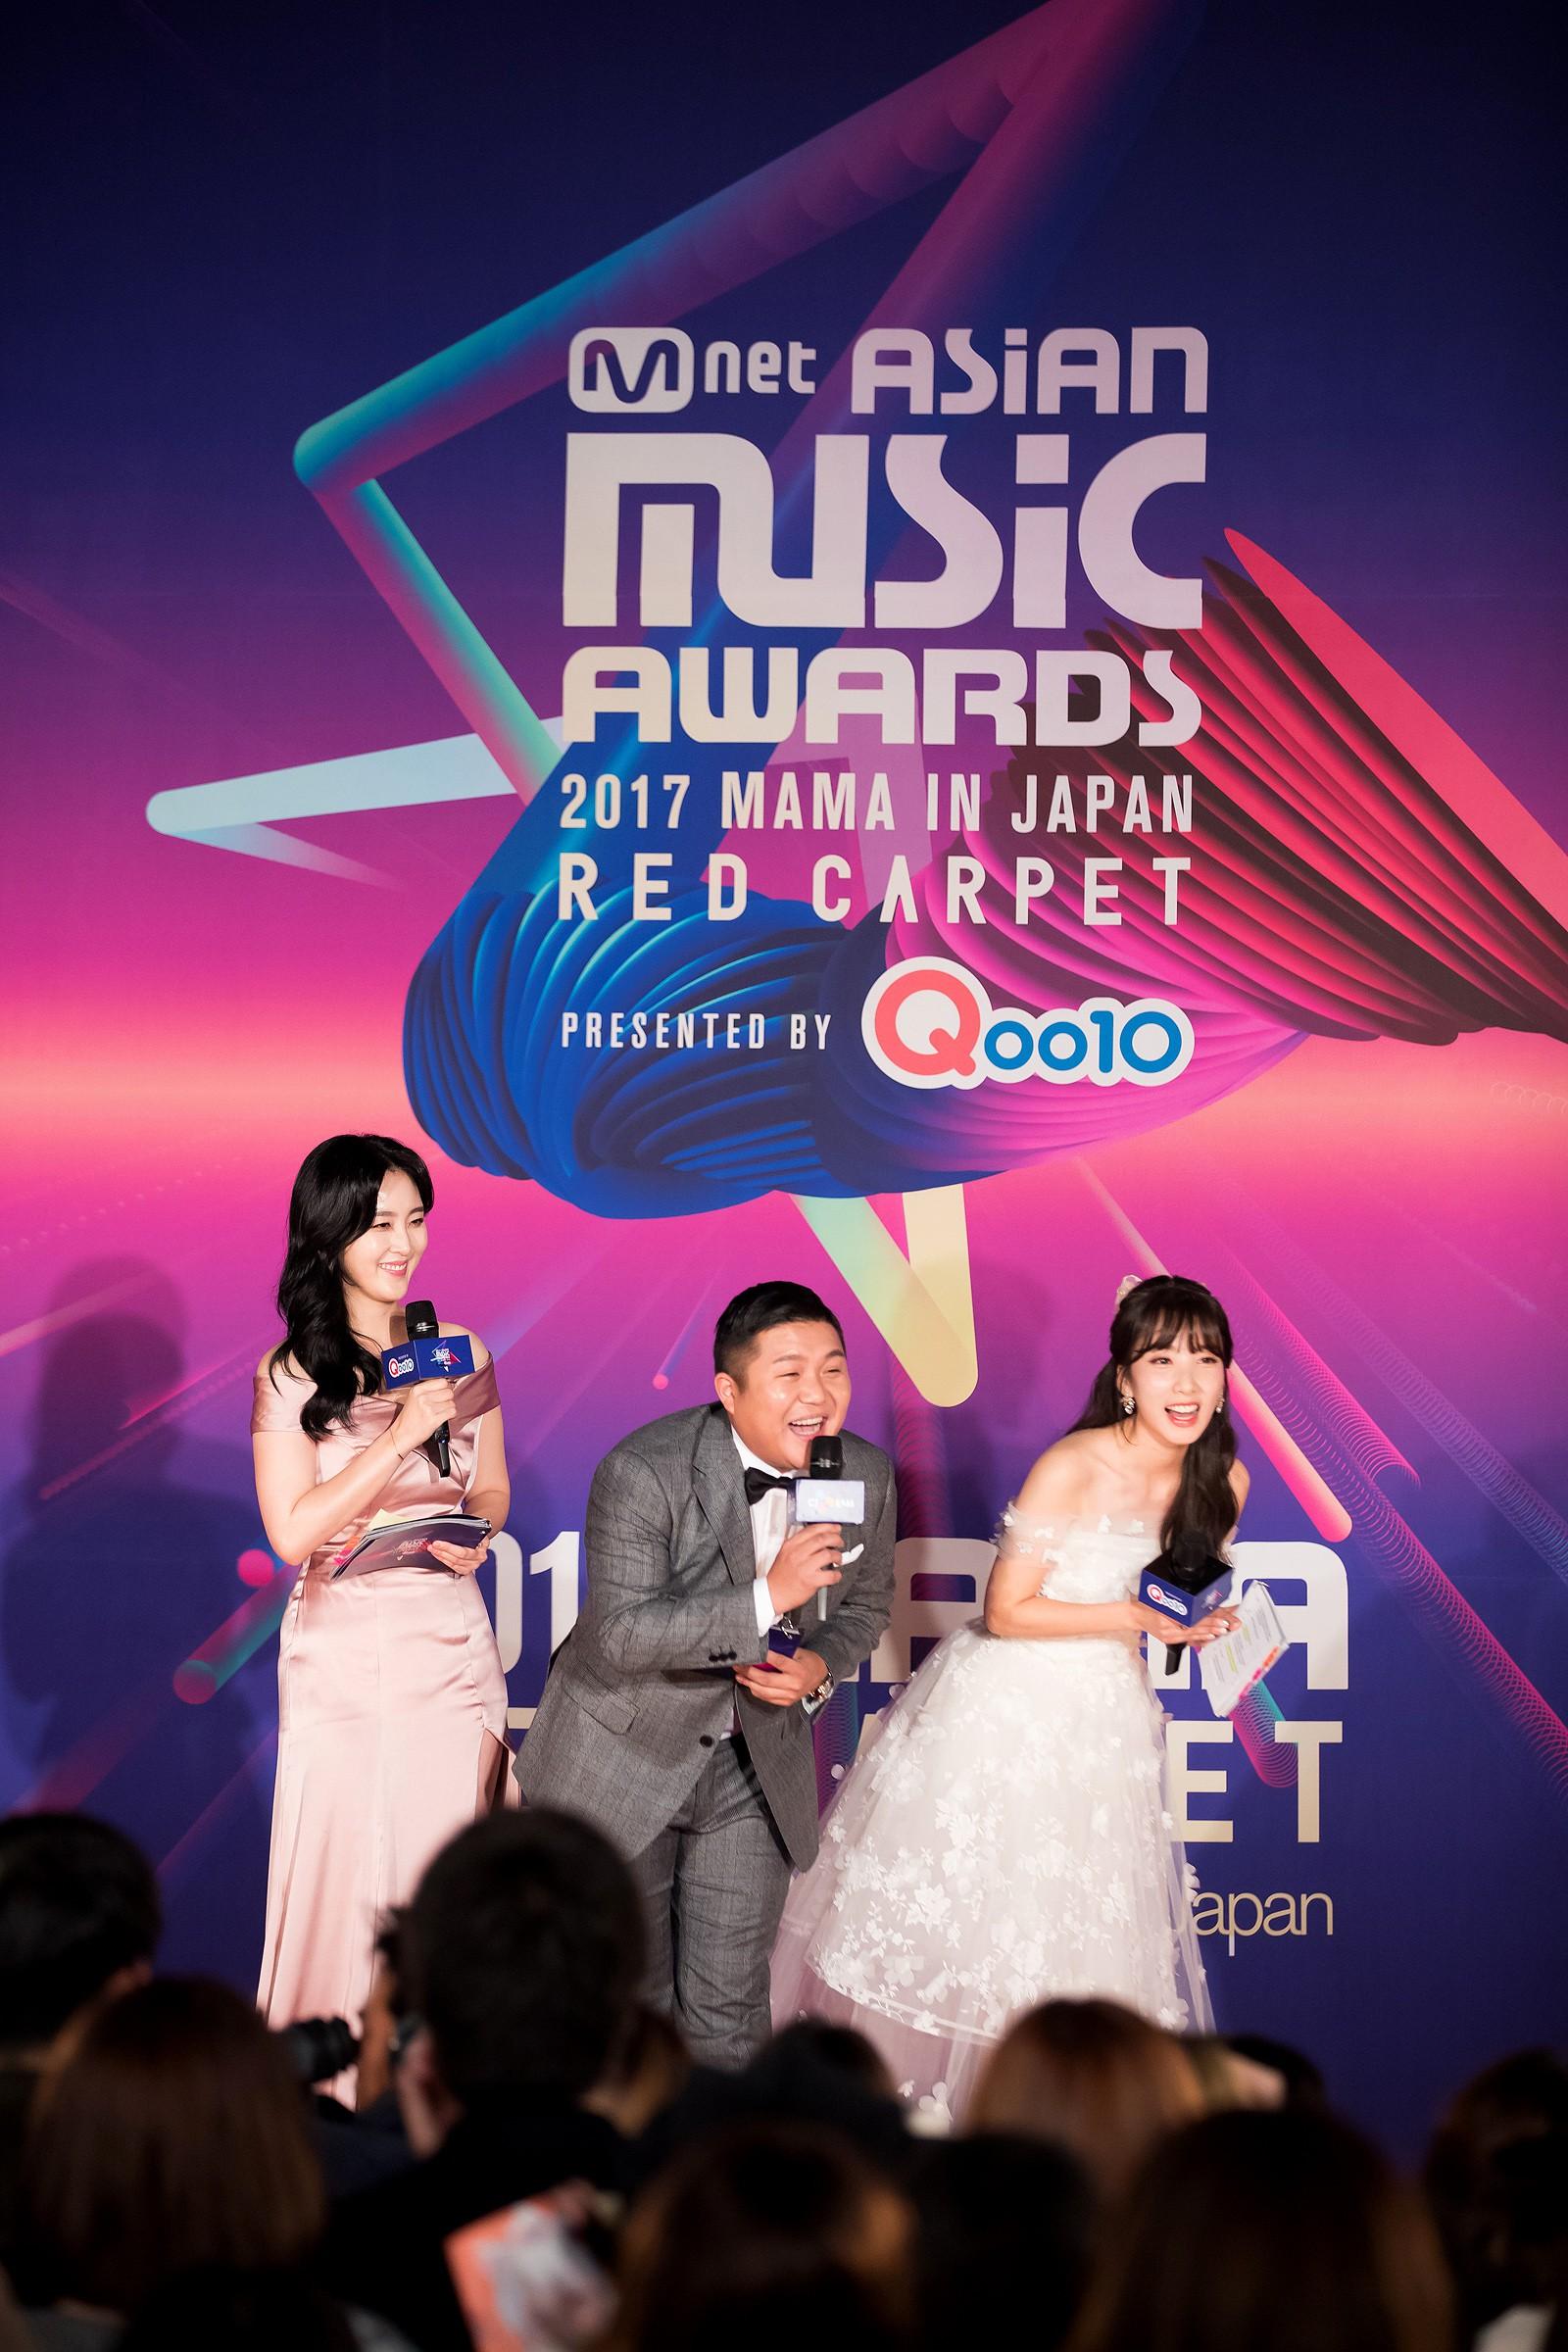 Thảm đỏ MAMA Nhật: Park Bo Gum và dàn mỹ nam Wanna One, EXO chiếm trọn sự chú ý, Kim So Hyun đọ sắc TWICE - Ảnh 2.